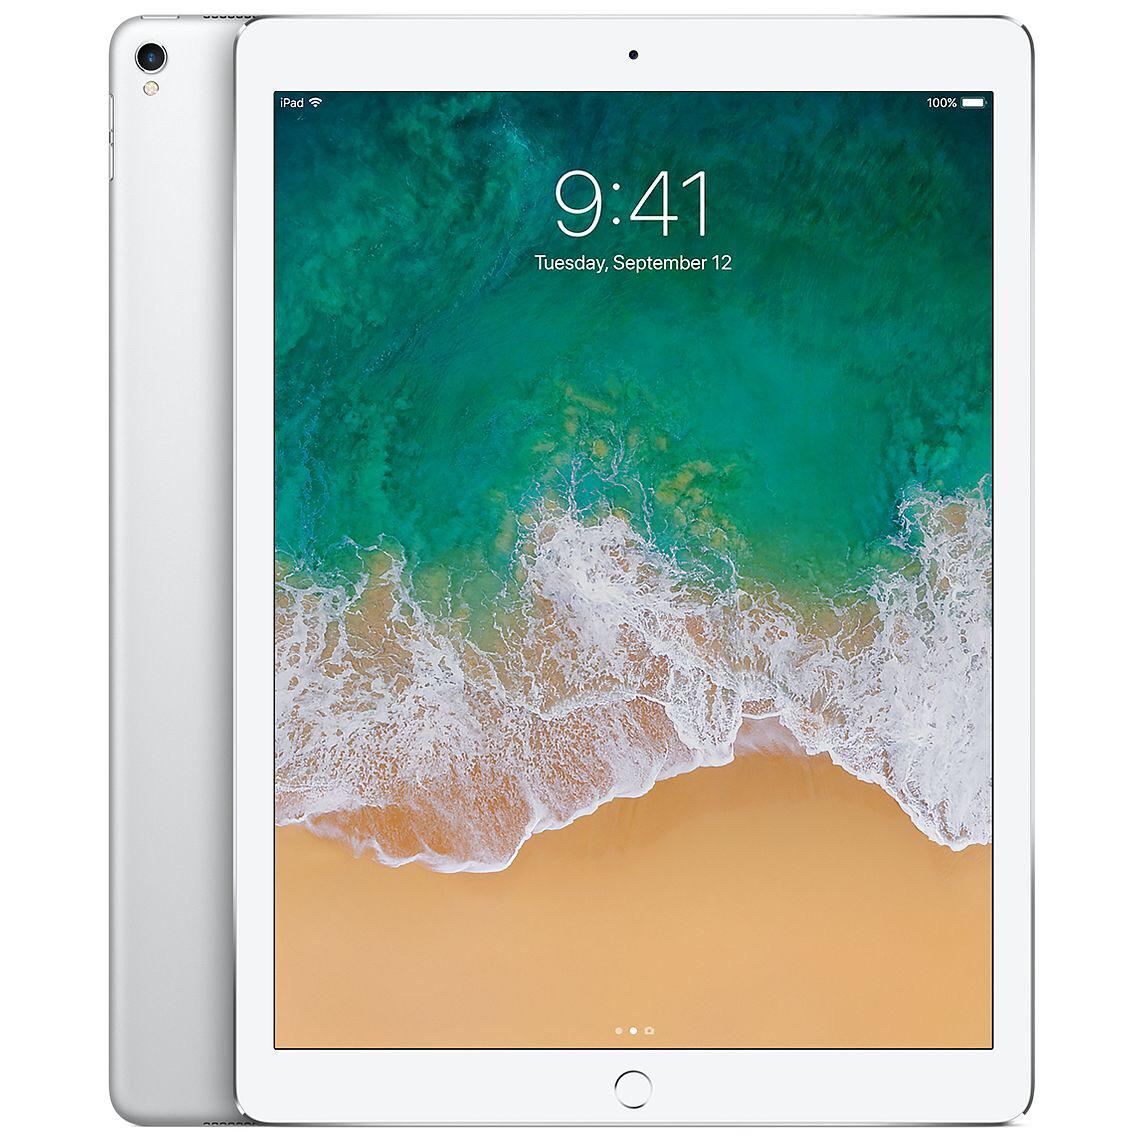 【第一世代】iPad Pro12.9インチのスペックや特徴、買取価格まとめ【買取クイック】